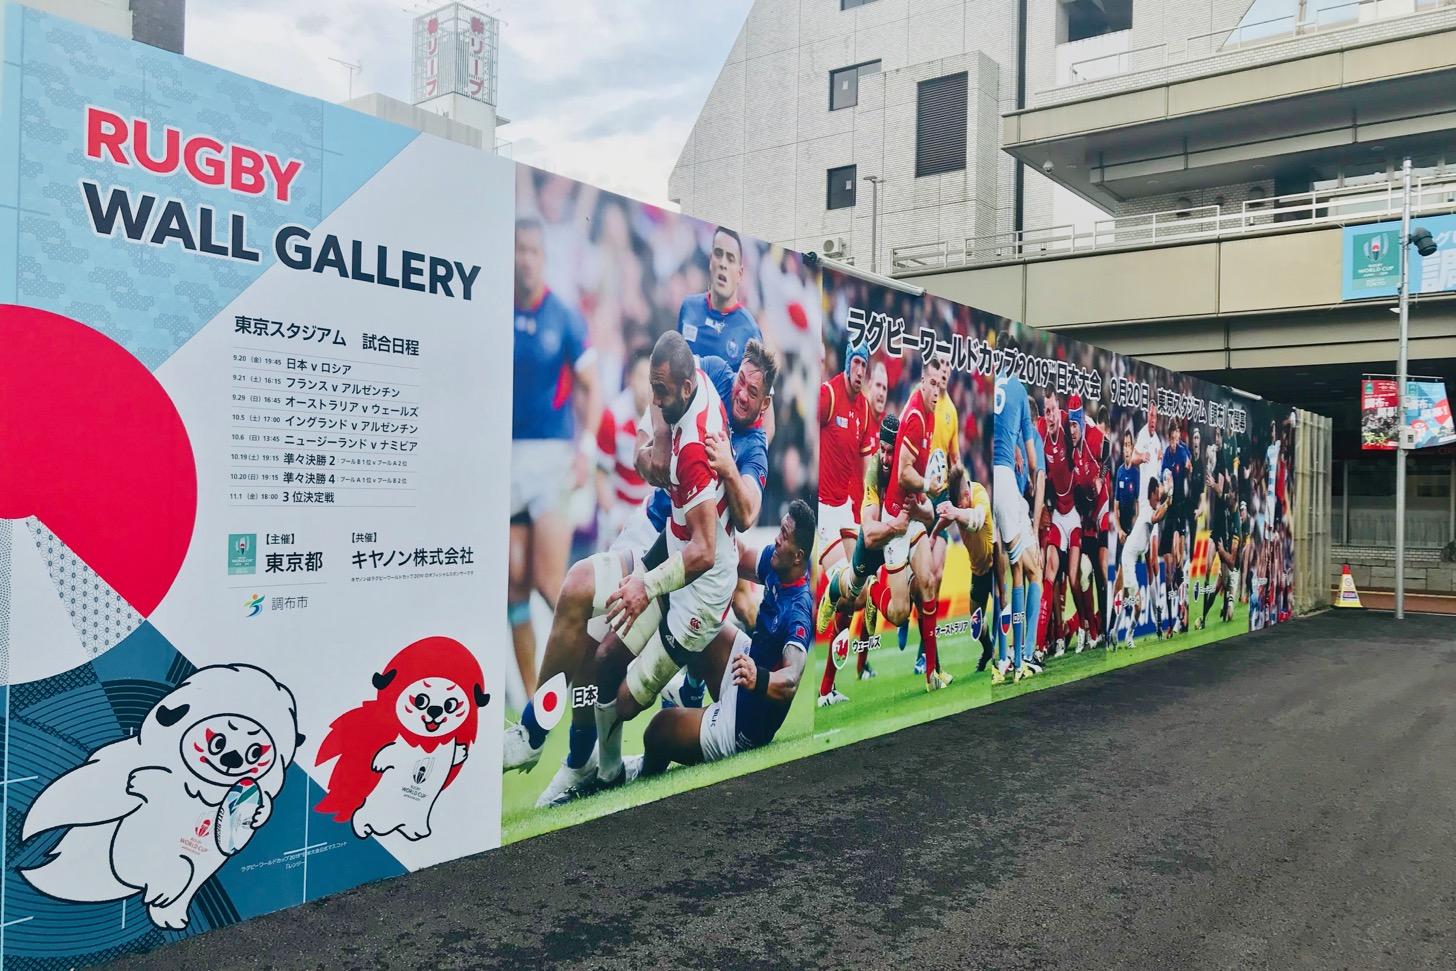 【ラグビーワールドカップ2019】調布駅前広場で「ファンゾーン in 東京」が開催